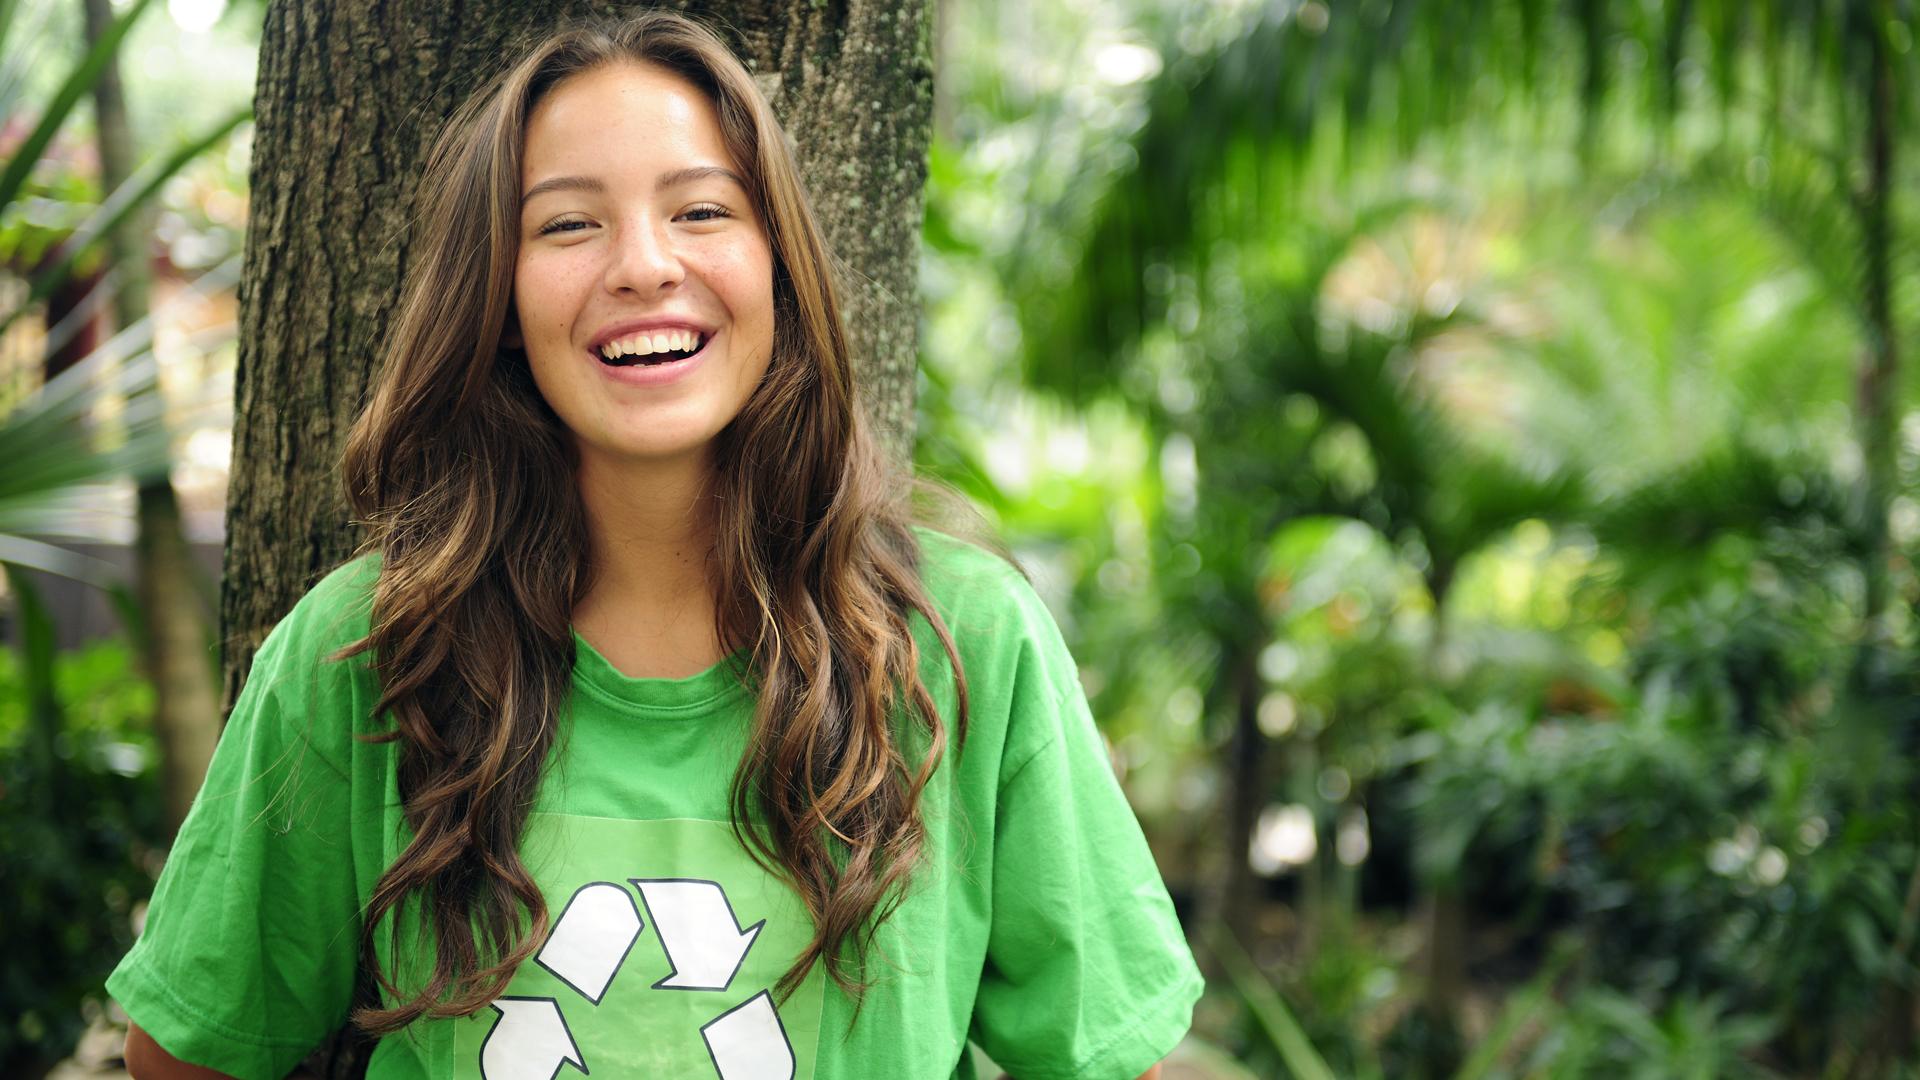 Responsables y eco-friendly: cómo los millennials se convirtieron ...